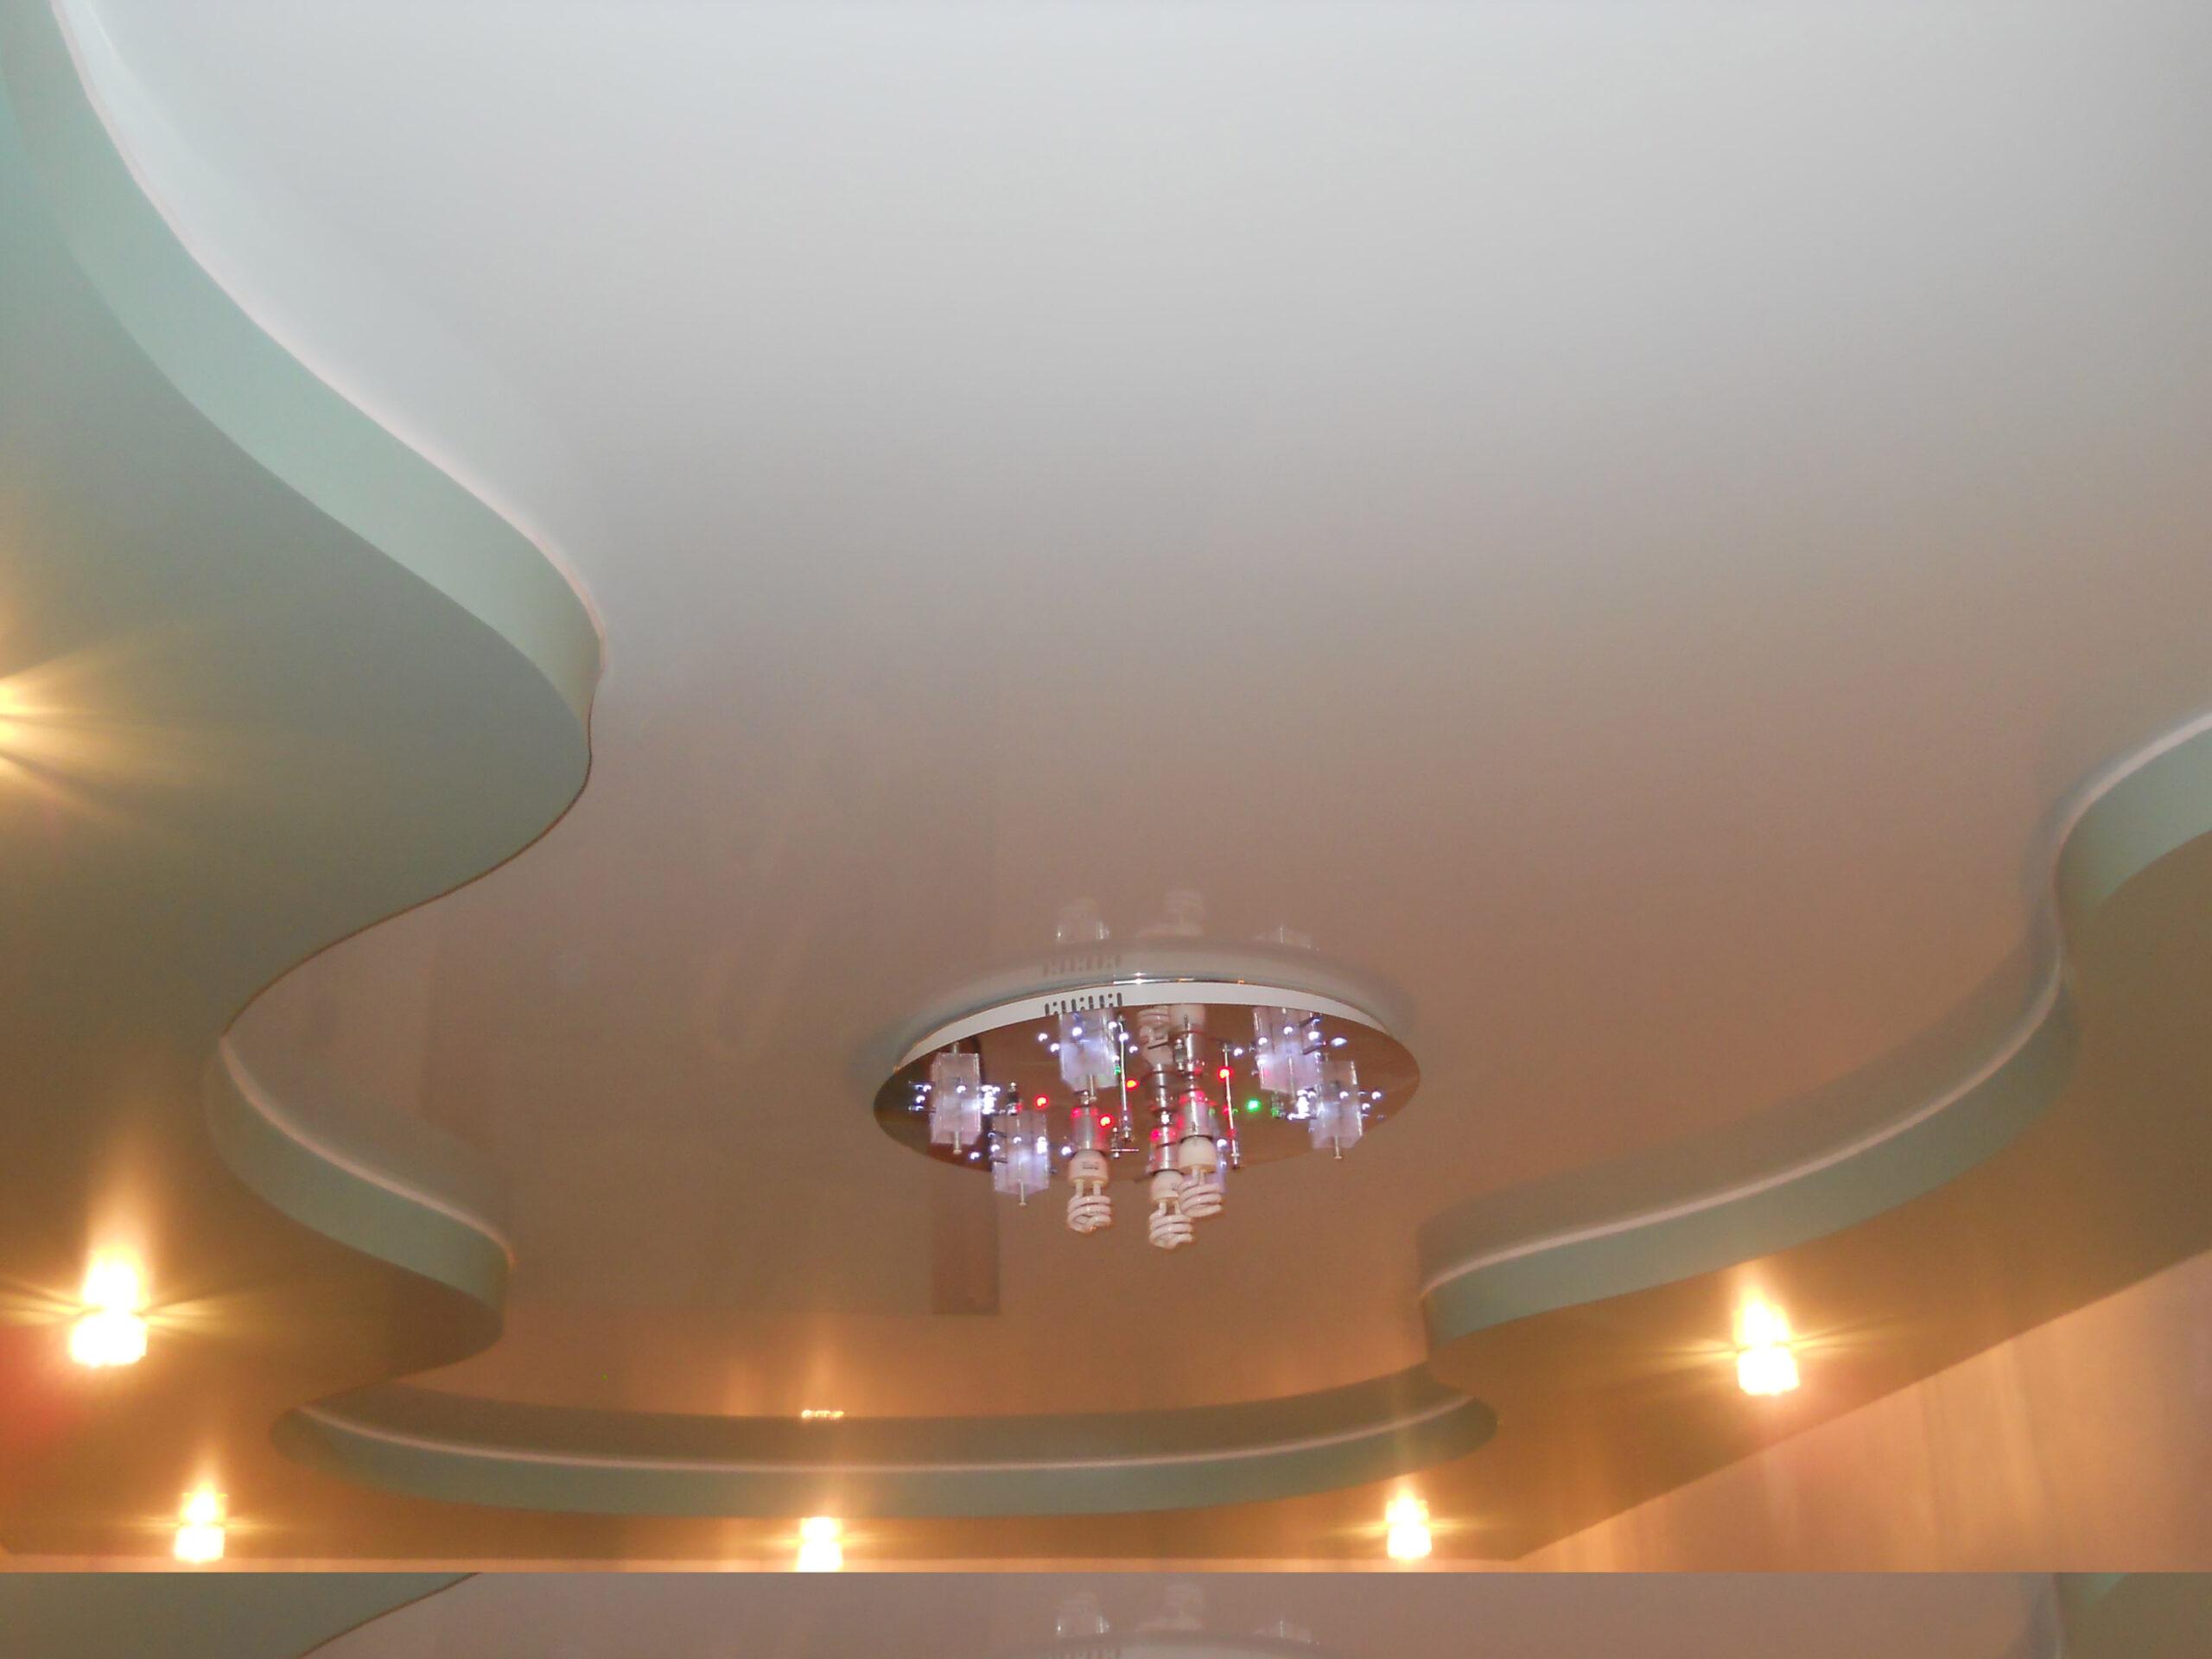 Двухуровневый тканевый потолок с установкой люстры и точечных светильников